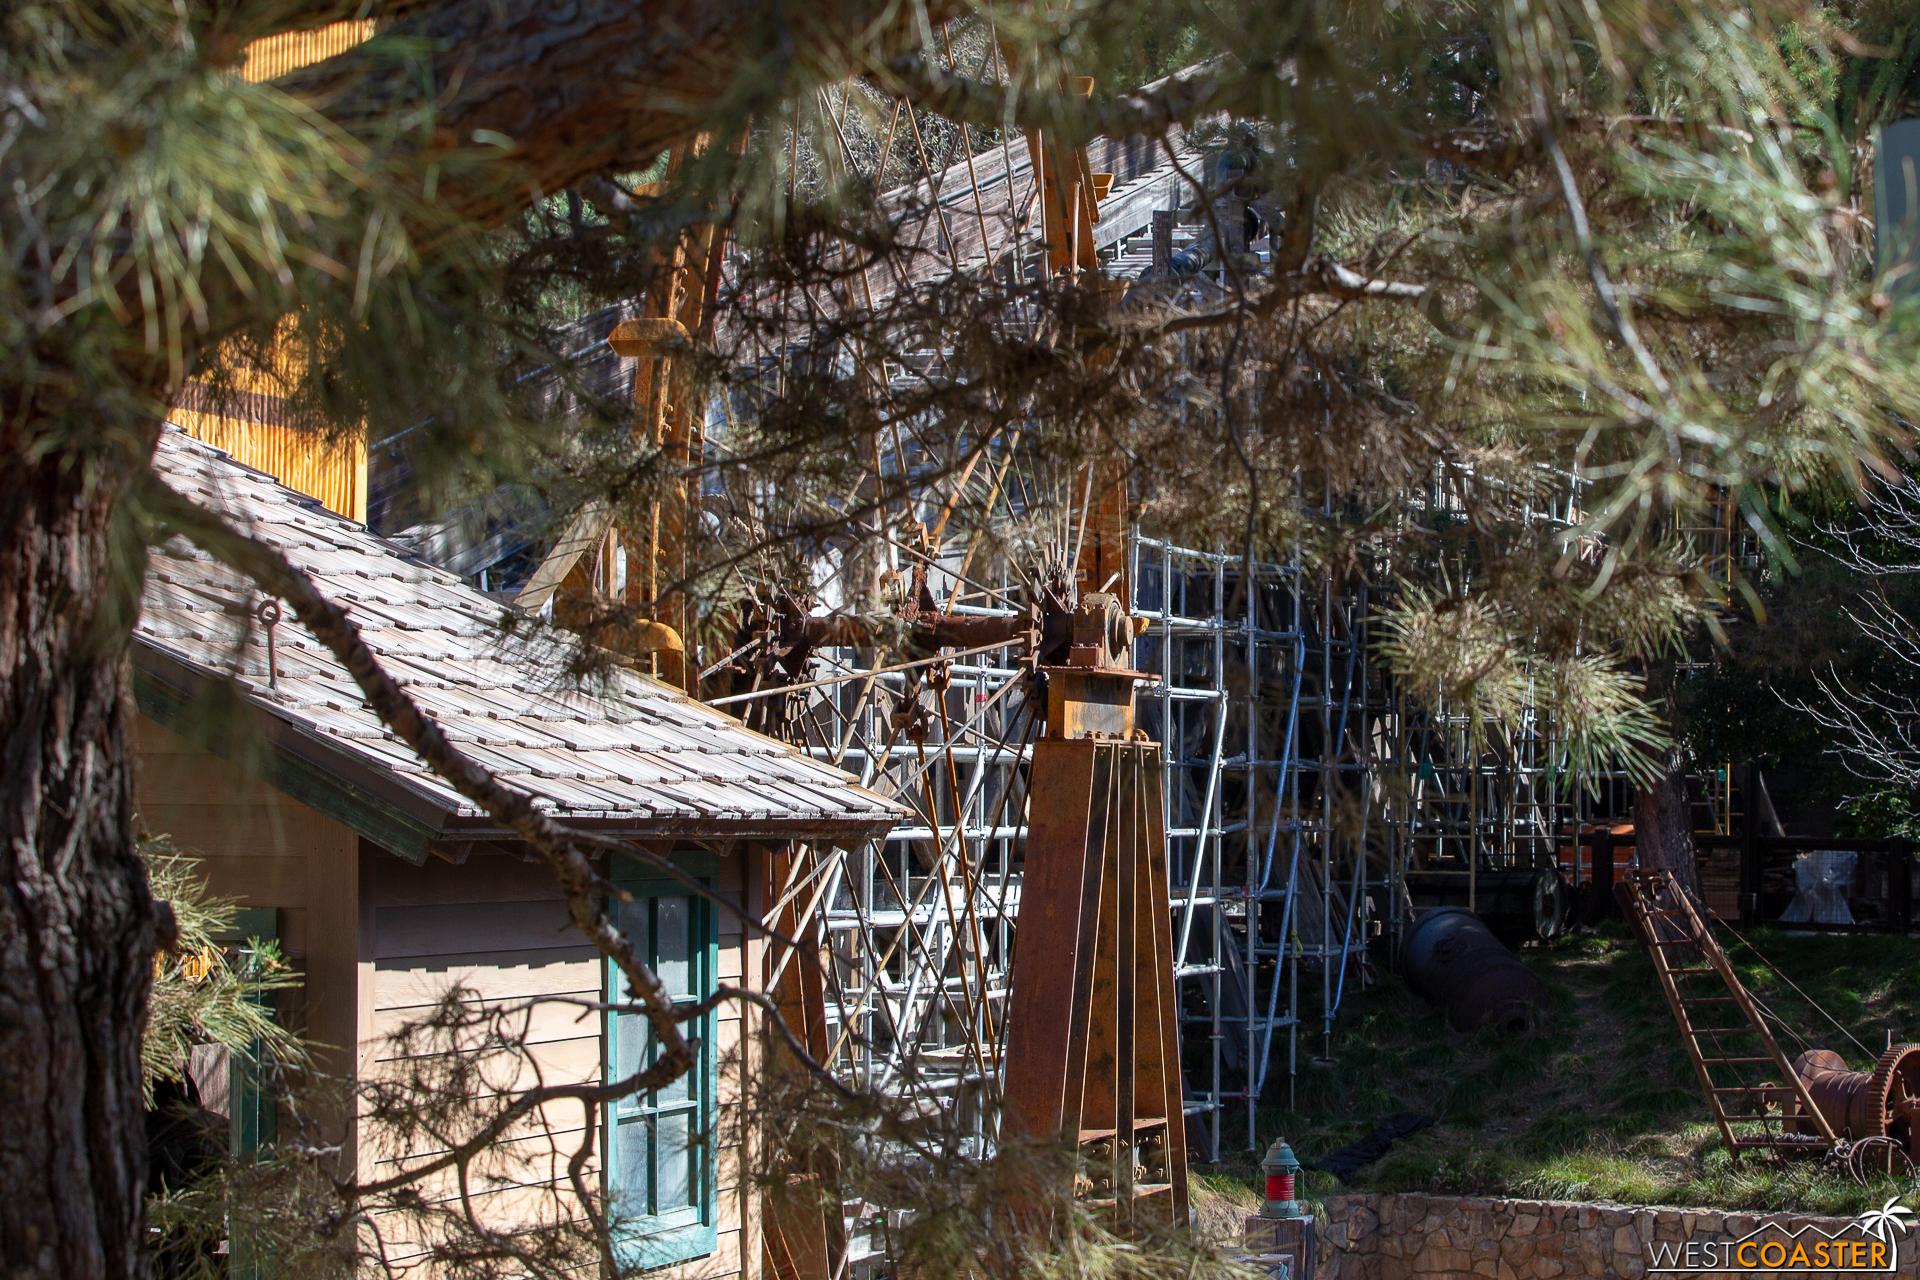 Westcoaster Disneyland Update 2-19-58.jpg